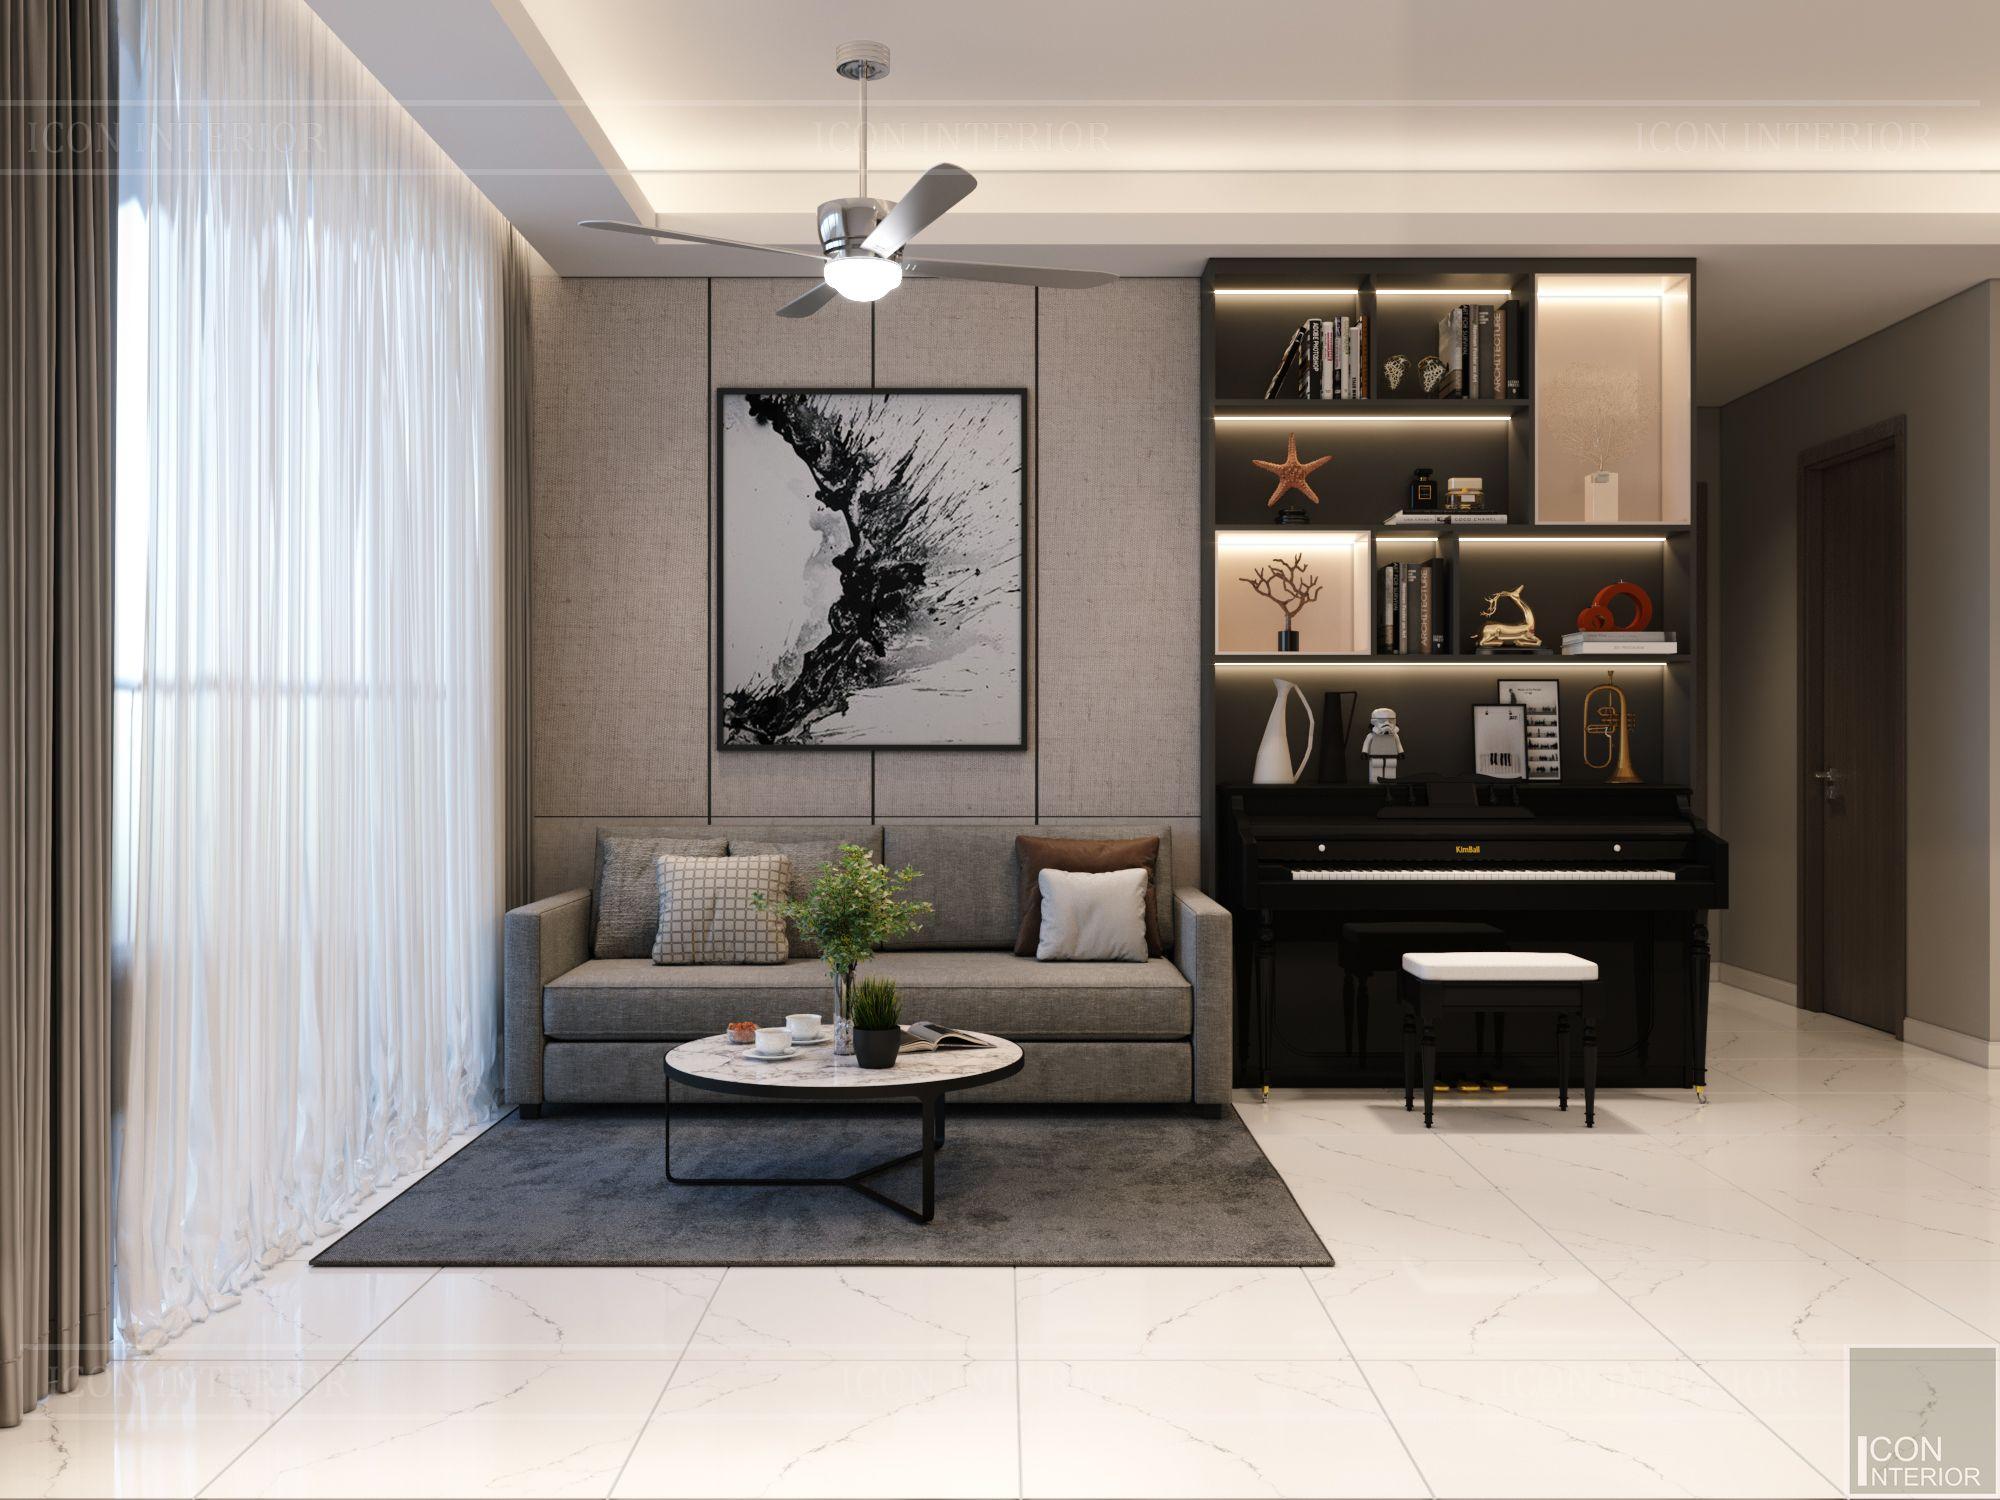 thiết kế nội thất sarica sala - phòng khách 2